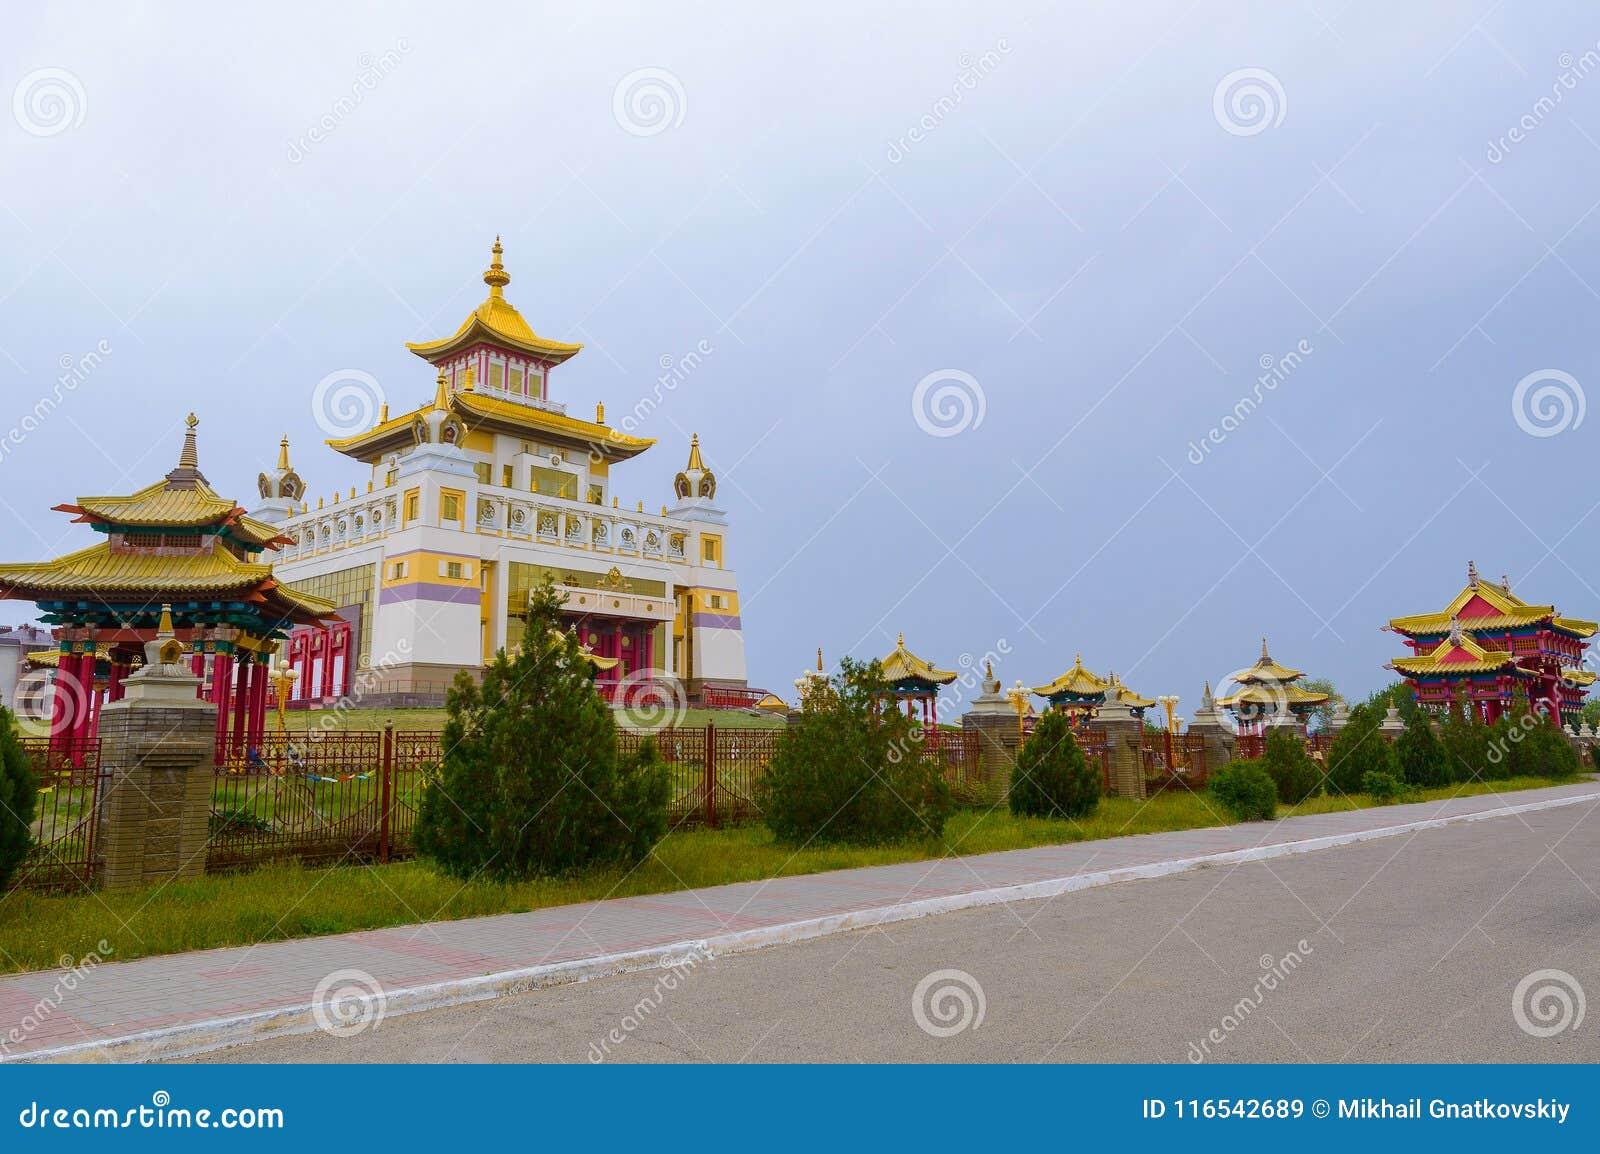 Domicílio dourado do templo budista da Buda Shakyamuni em Elista, república de Calmúquia, Rússia